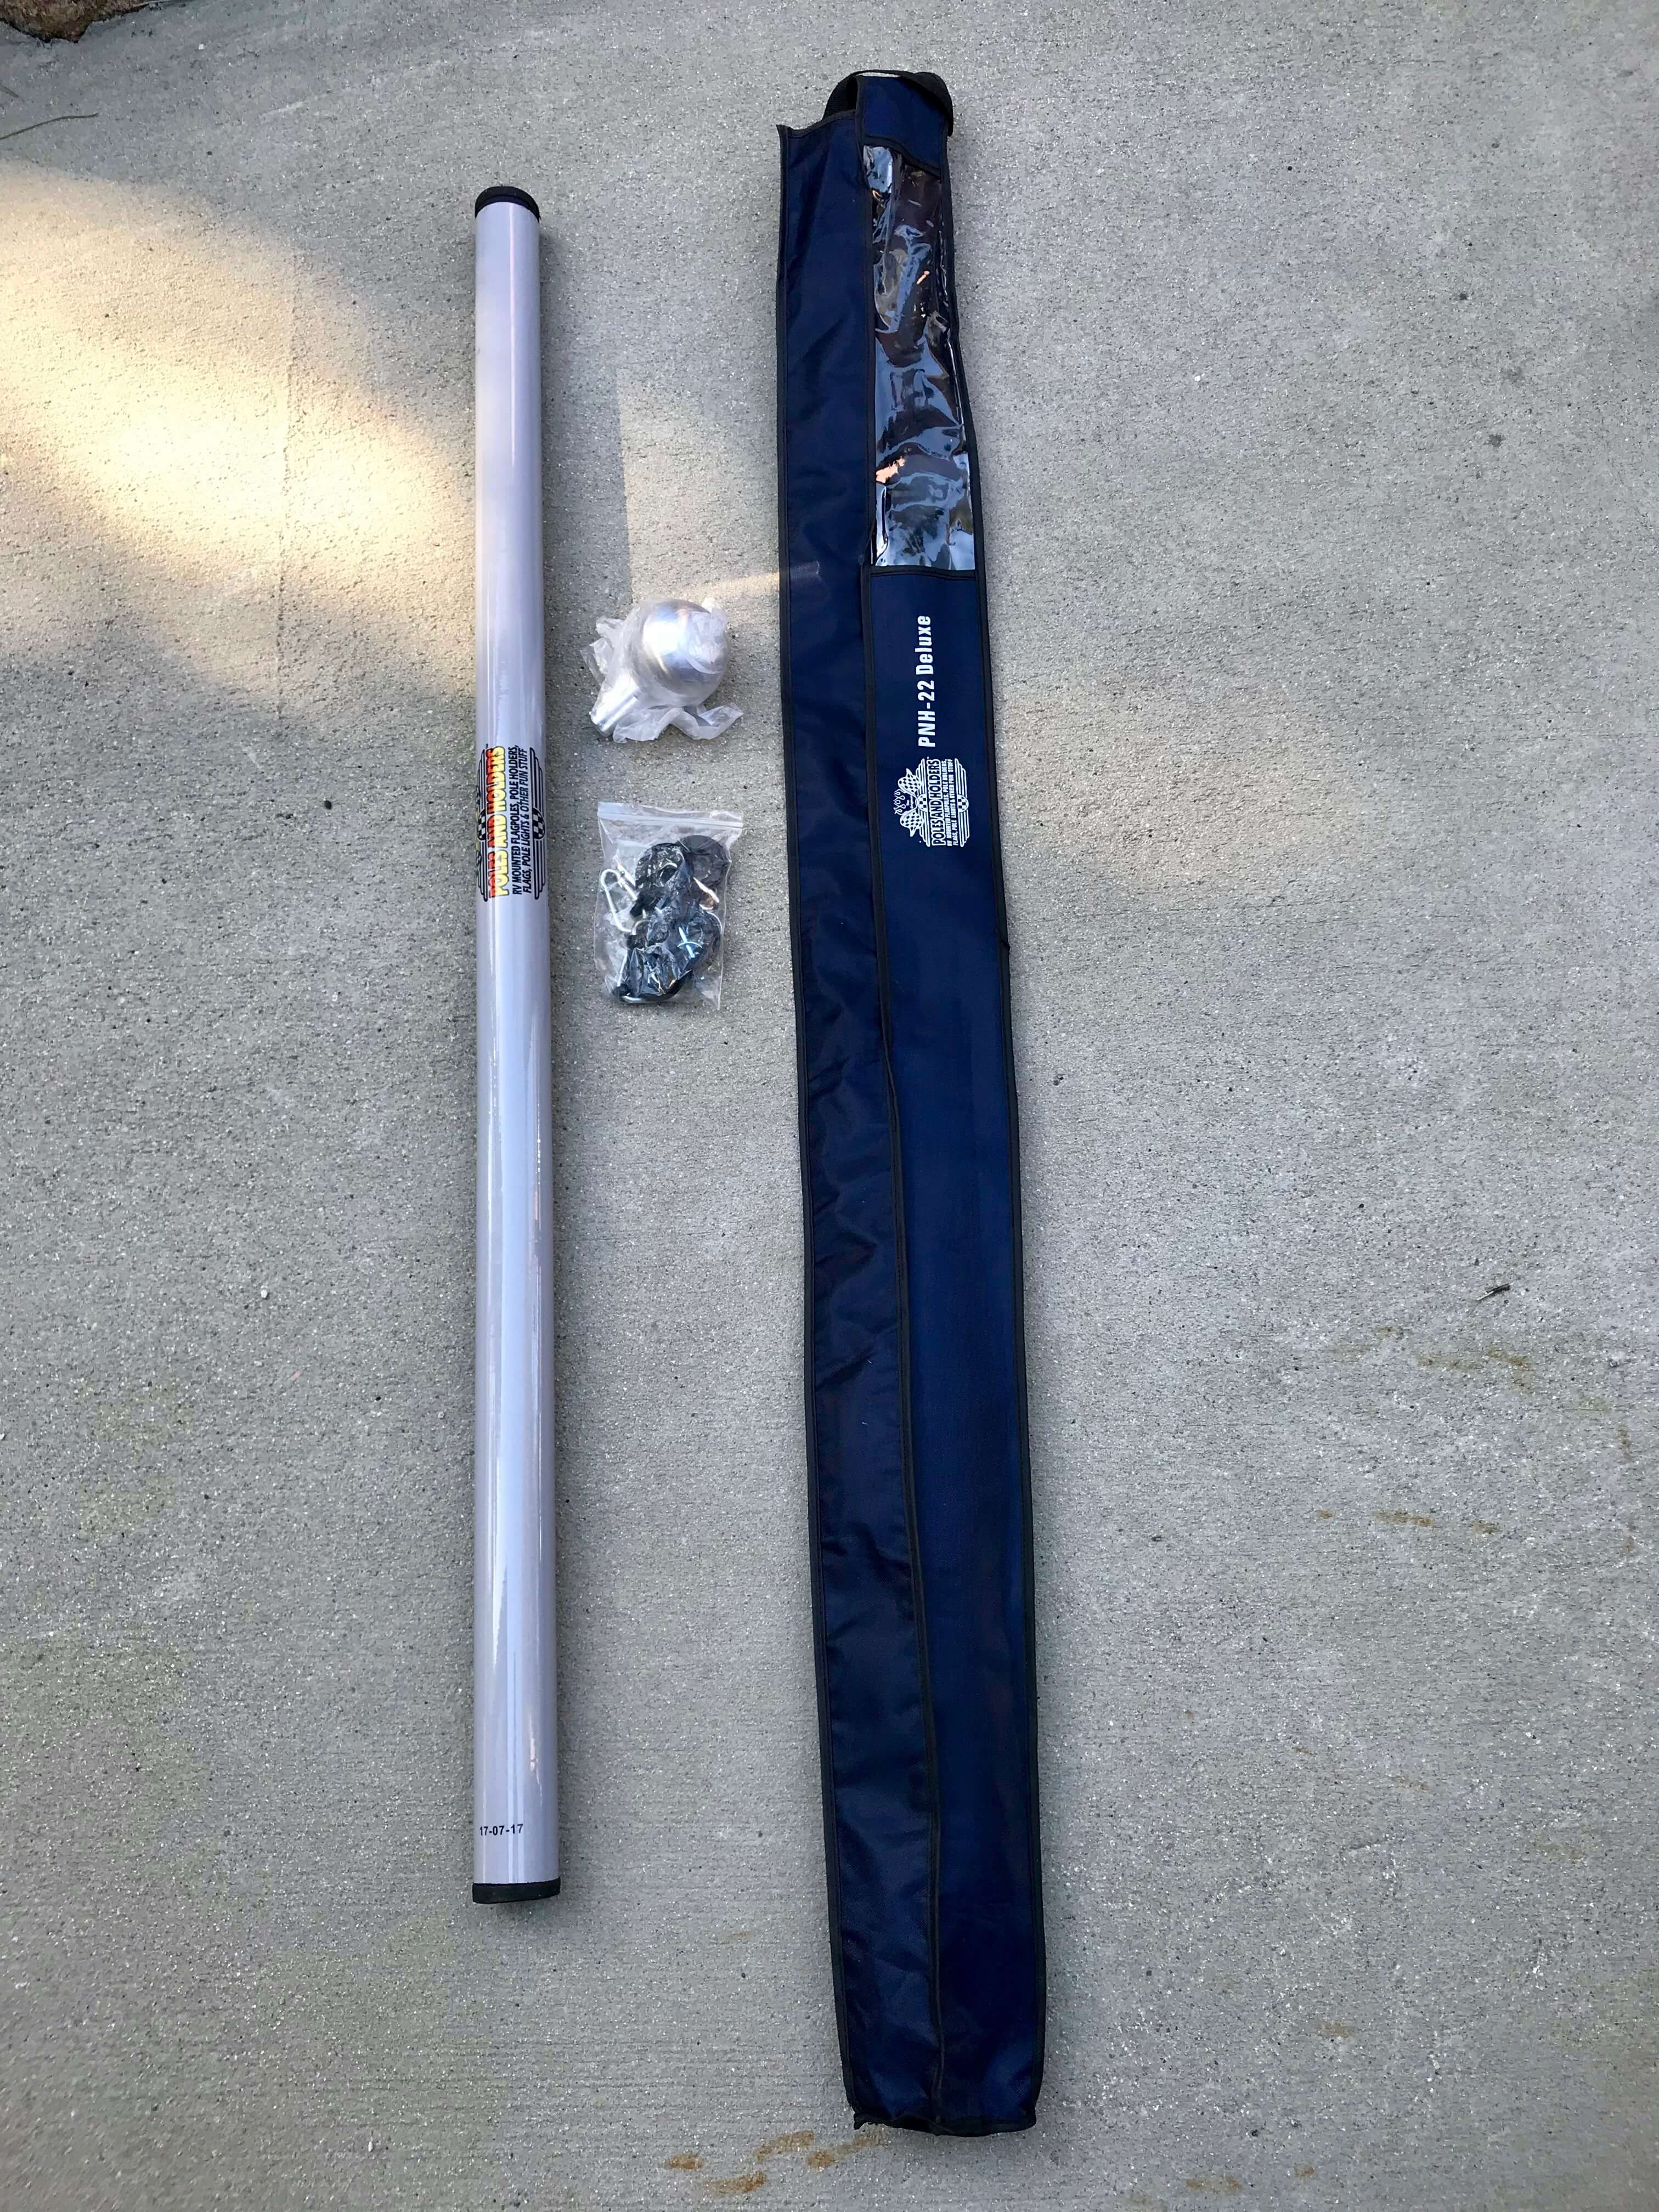 Deluxe 22-Foot Heavy Duty Fiberglass Flagpole.